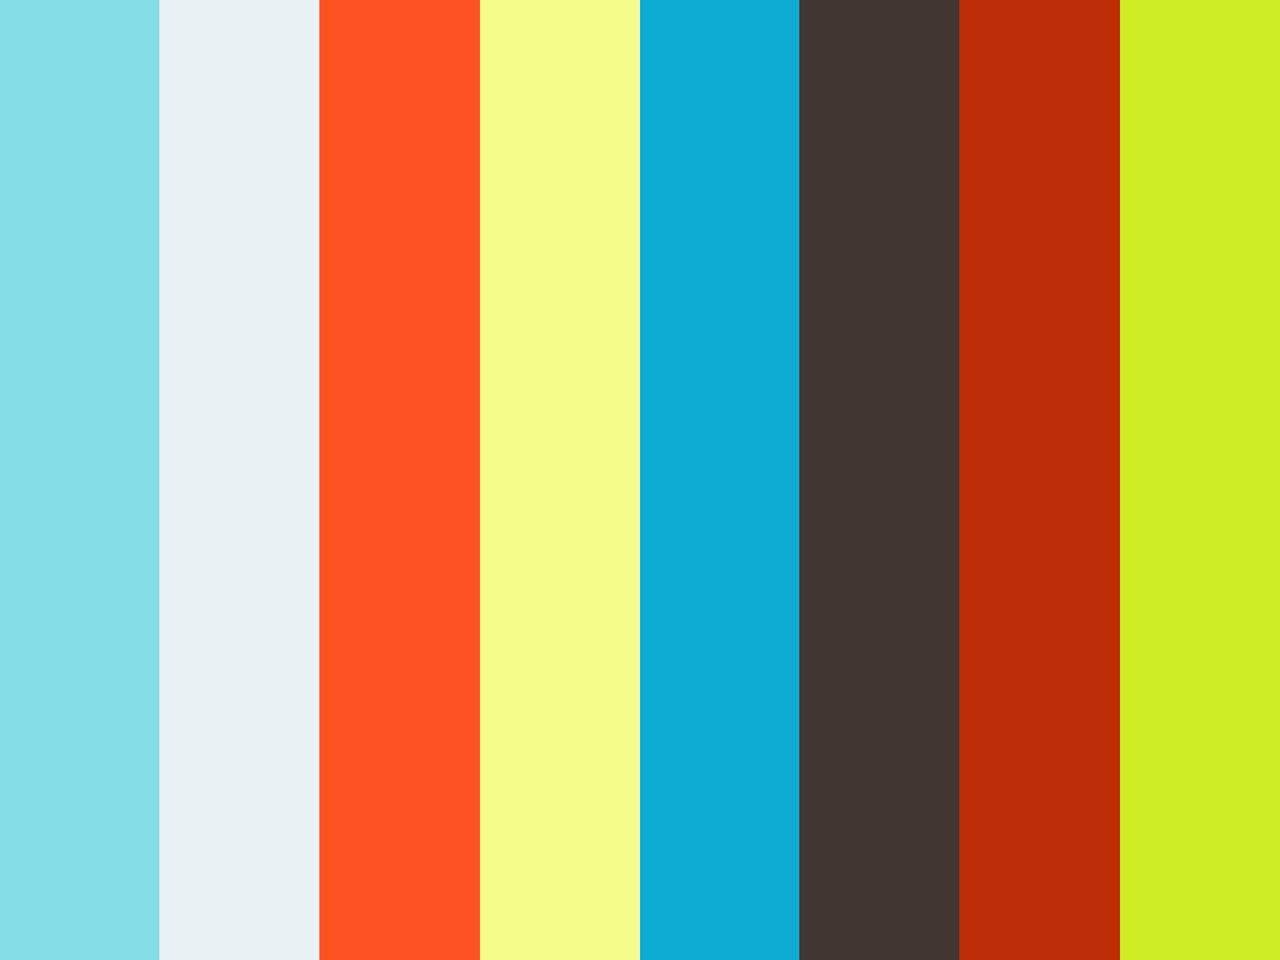 Tutorial Violín - Diseñando las UVs de un Violín, con Modo - 2/2